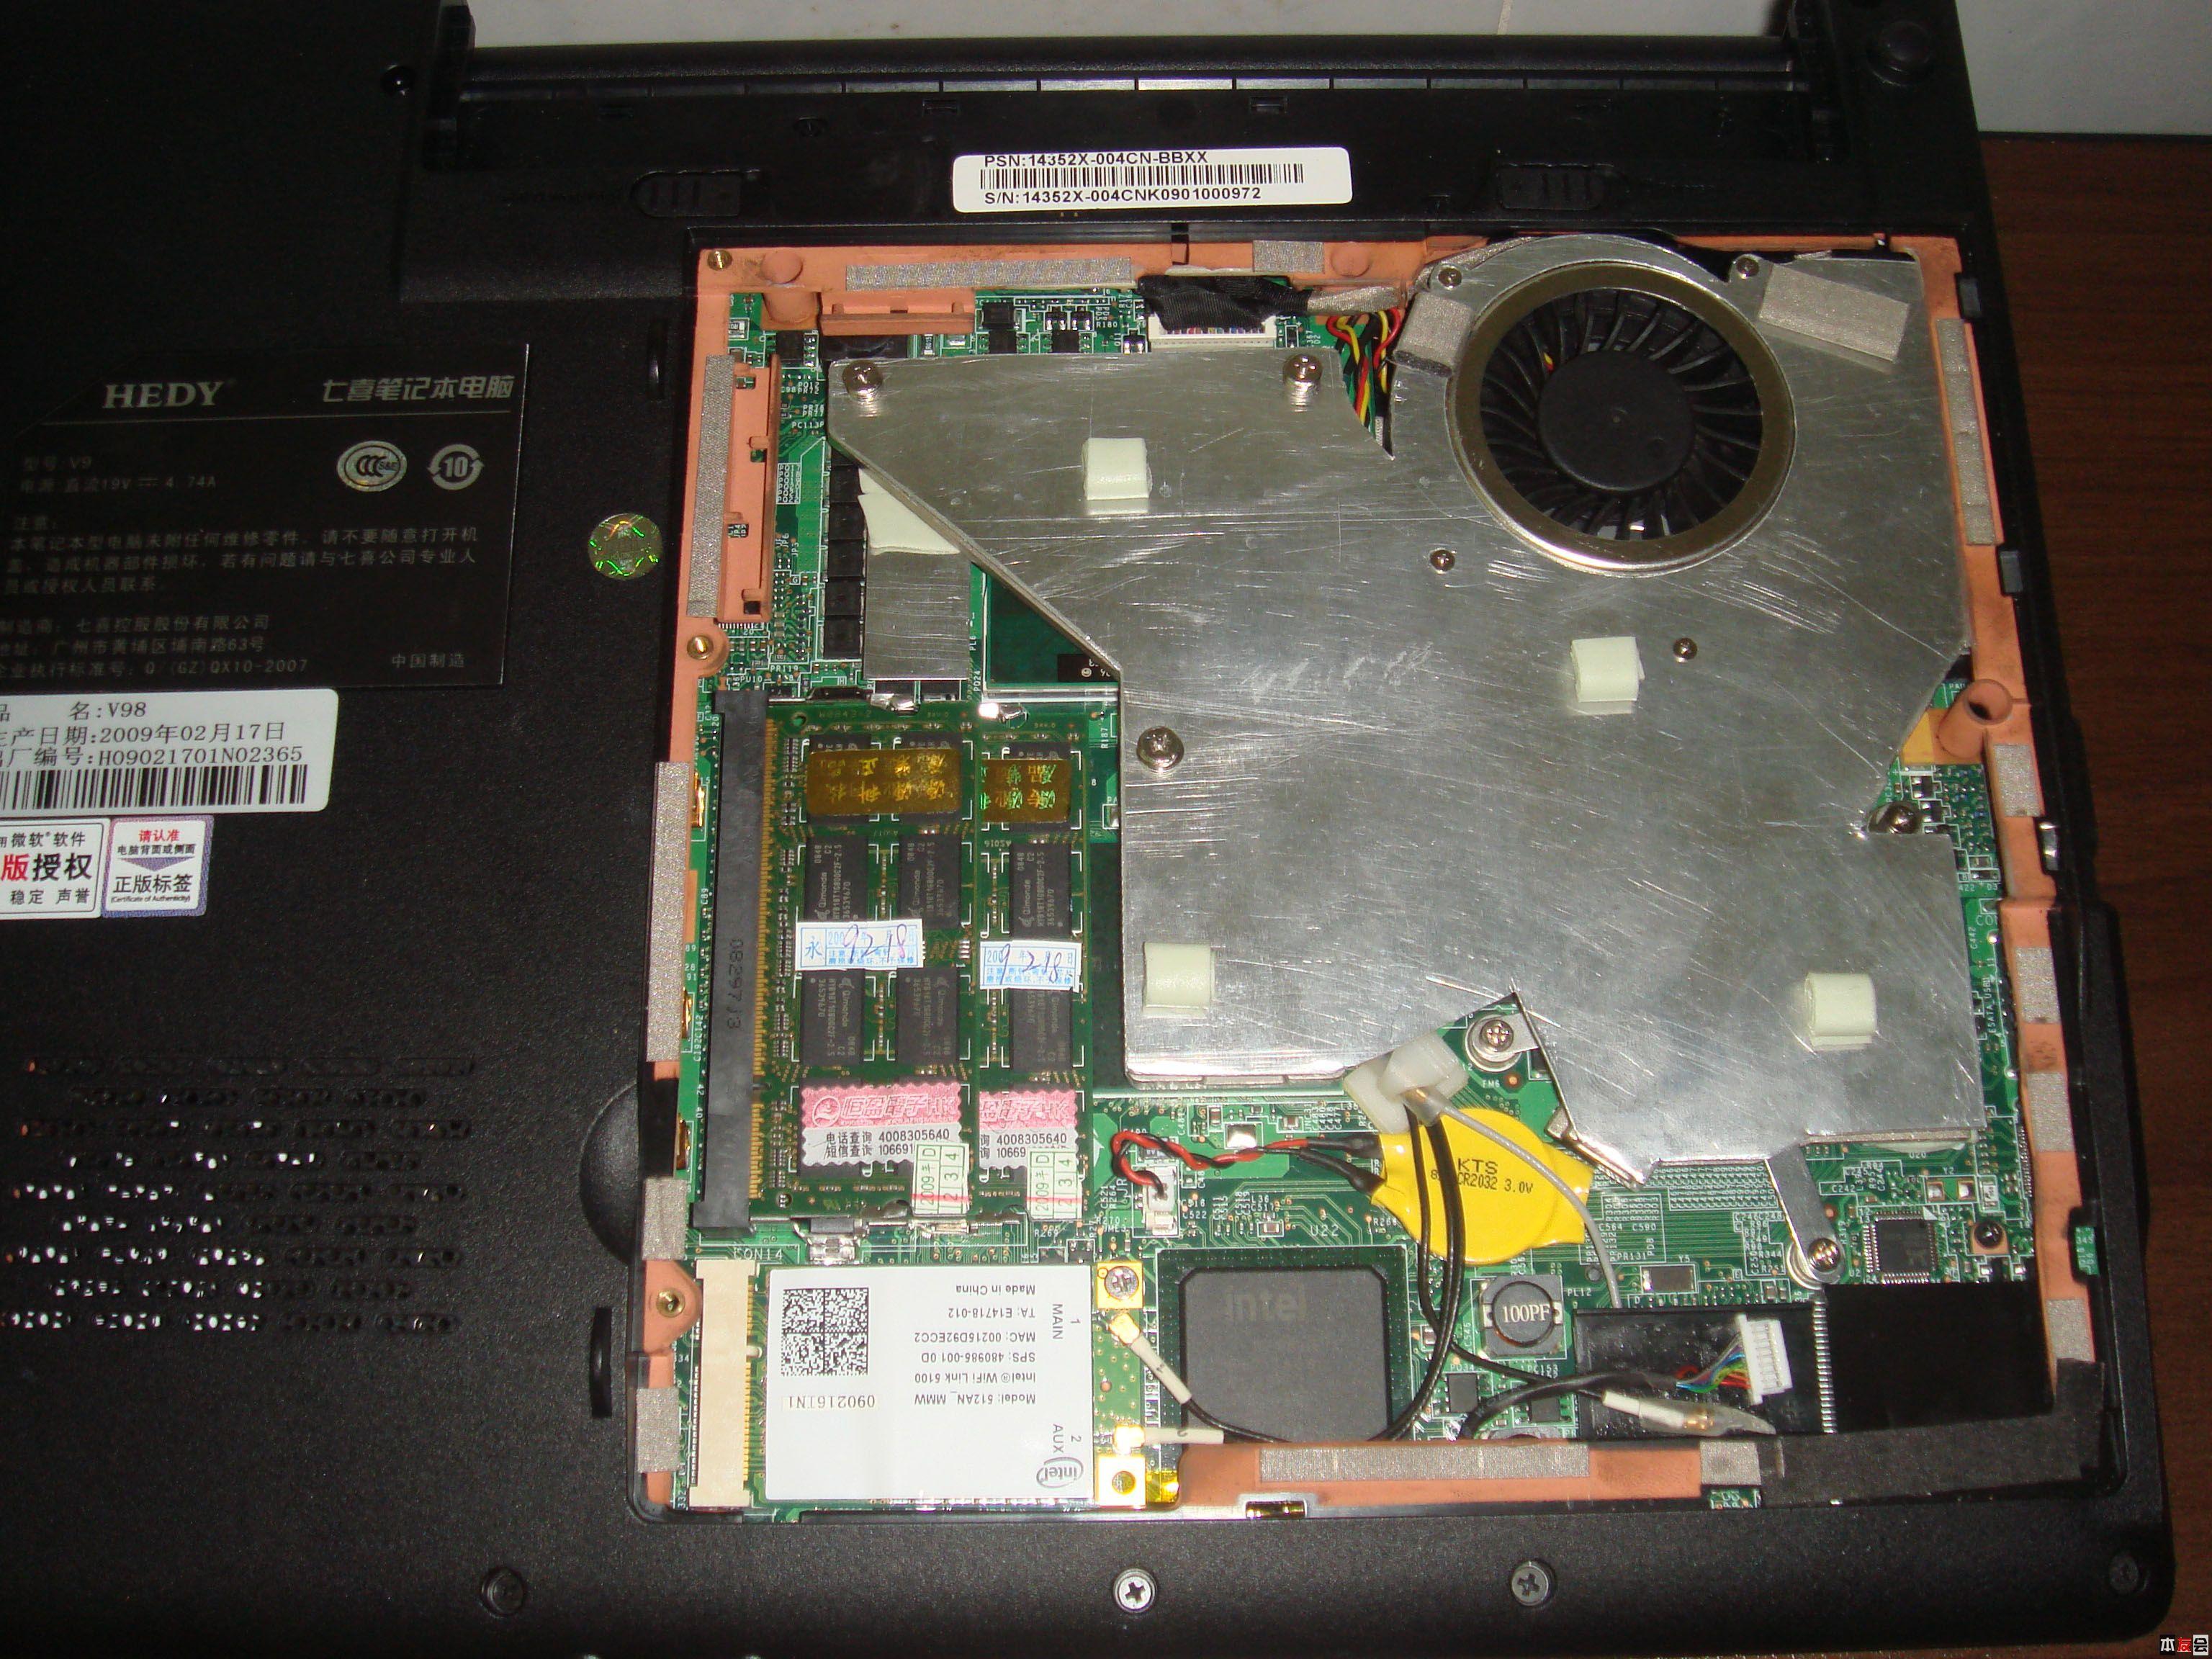 键盘 铜片 电路板 风扇 电池结构图